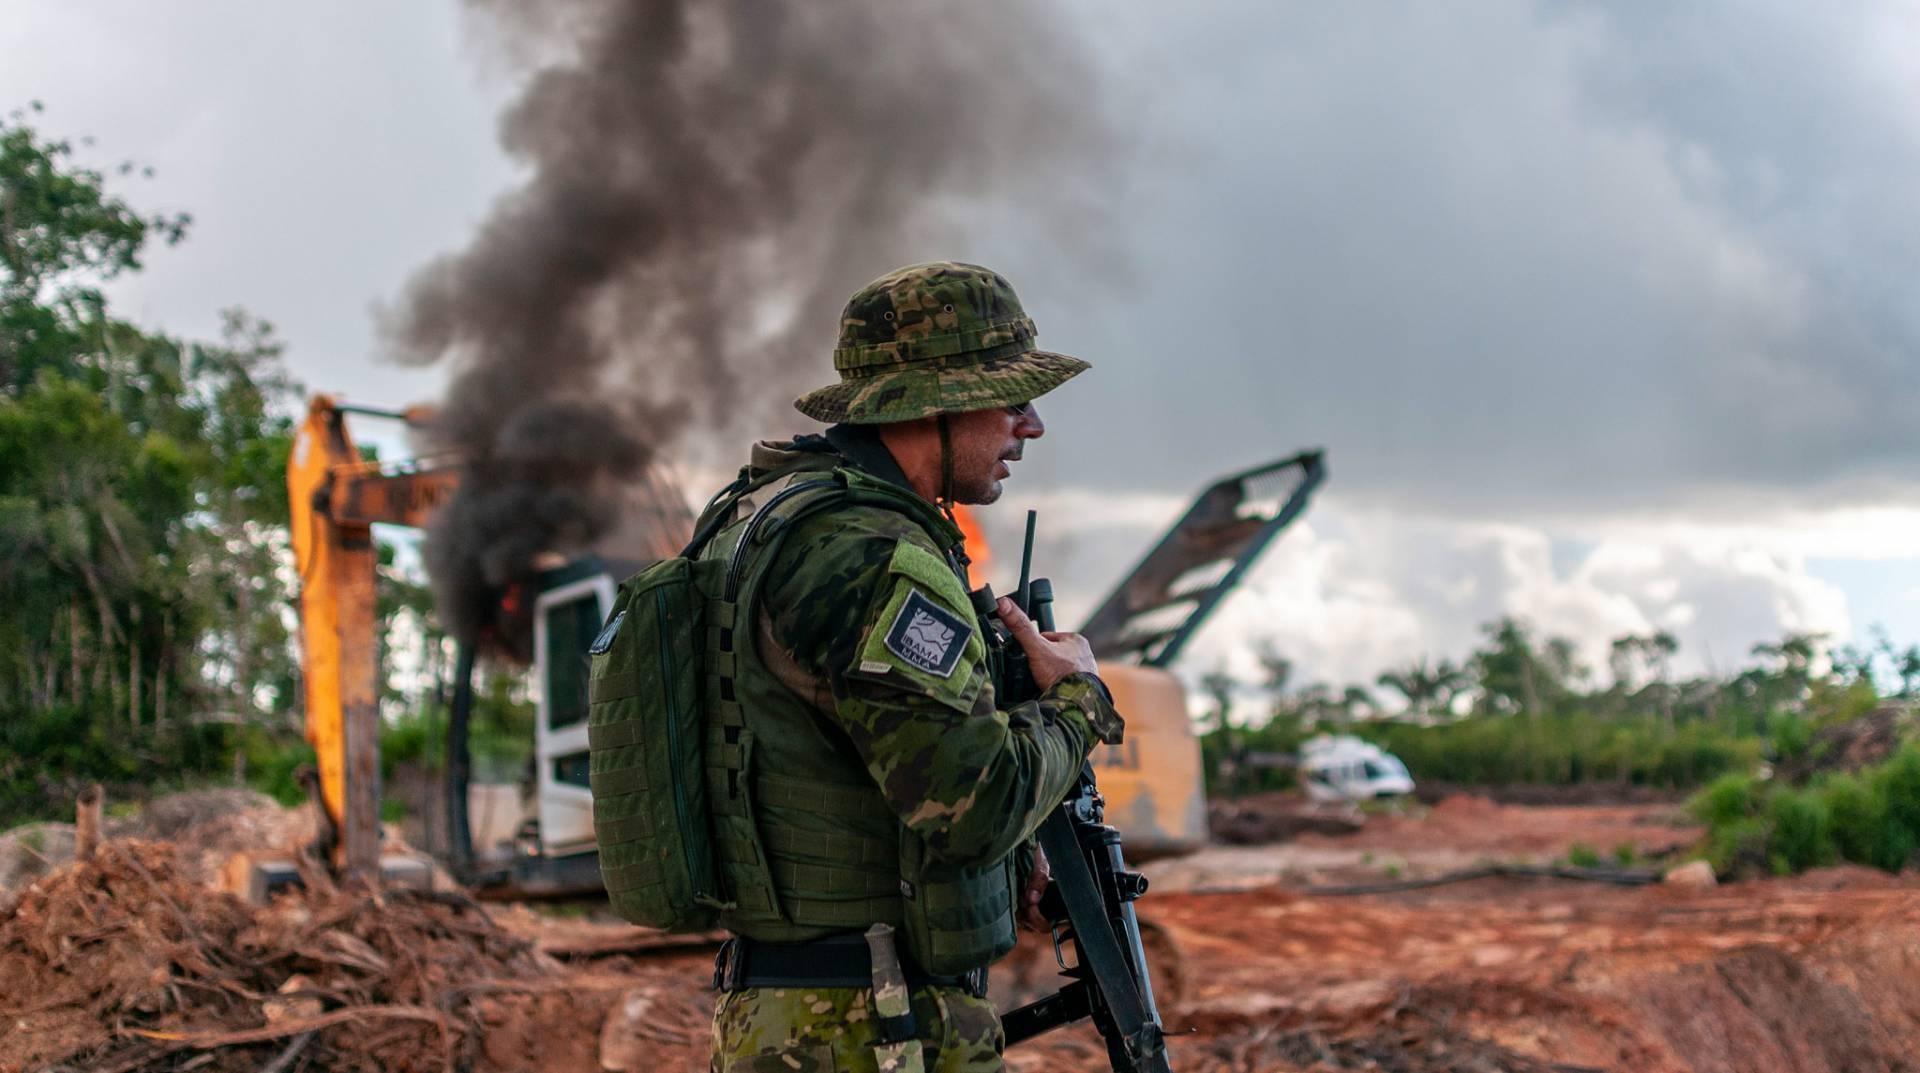 Forças Armadas no combate ao desmatamento ilegal na Amazônia